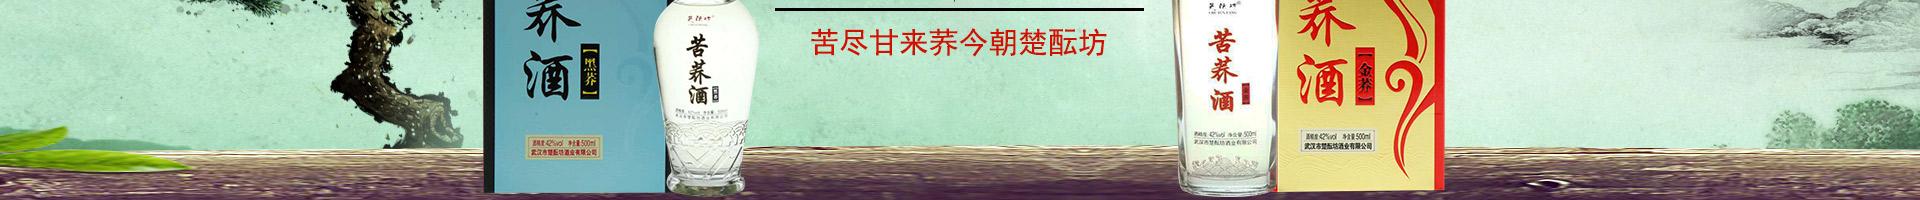 武汉市楚酝坊酒业有限公司